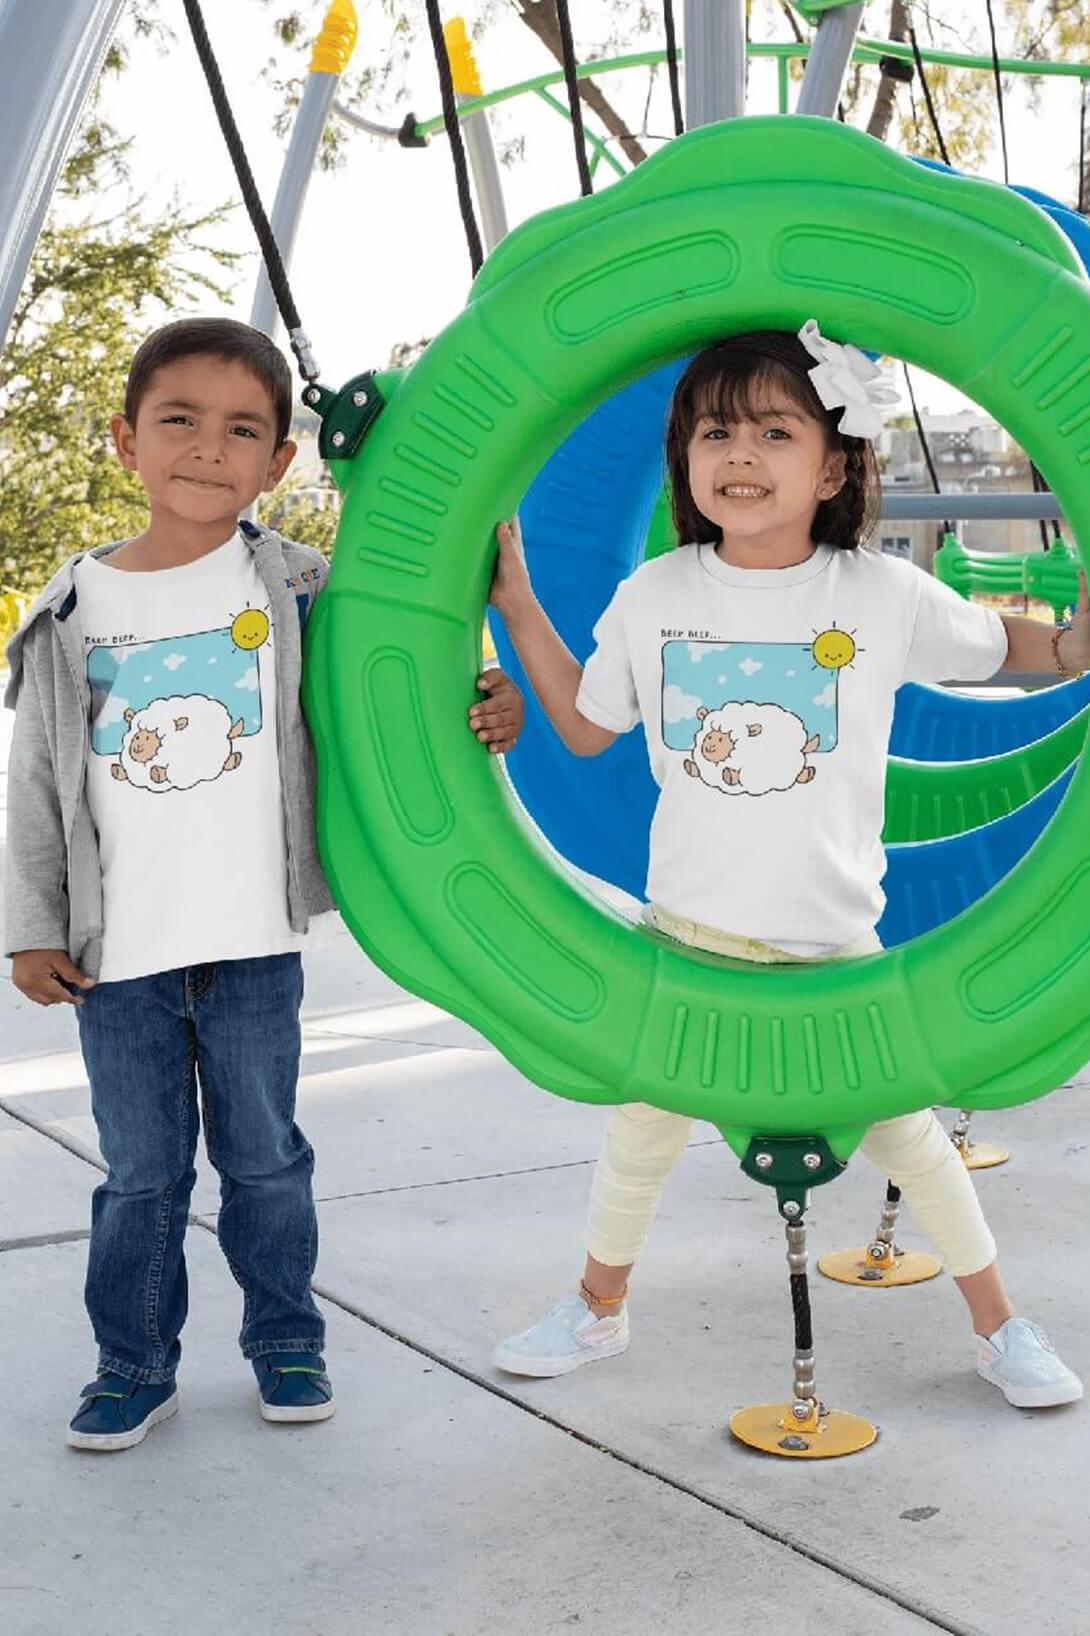 MMO Detské tričko Šťastná ovečka Vyberte farbu:: Biela, Detská veľkosť: 110/4 roky